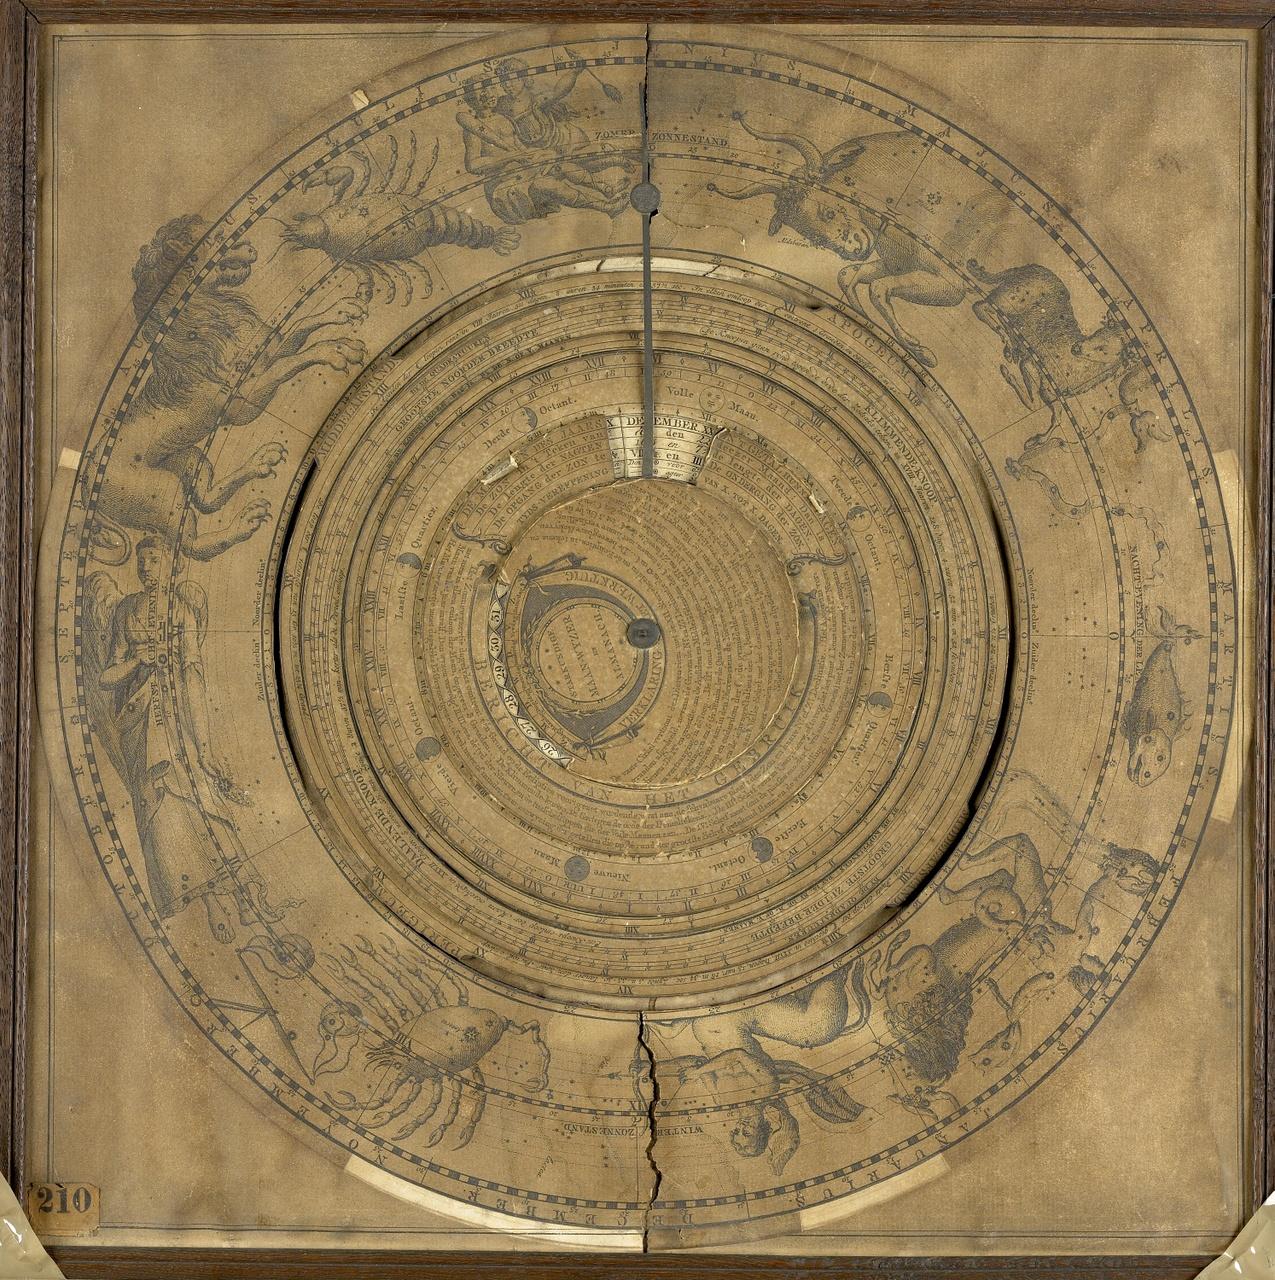 Lunarium, gedrukt naar het lunarium van A. Schortinghuis uit 1792, gravure